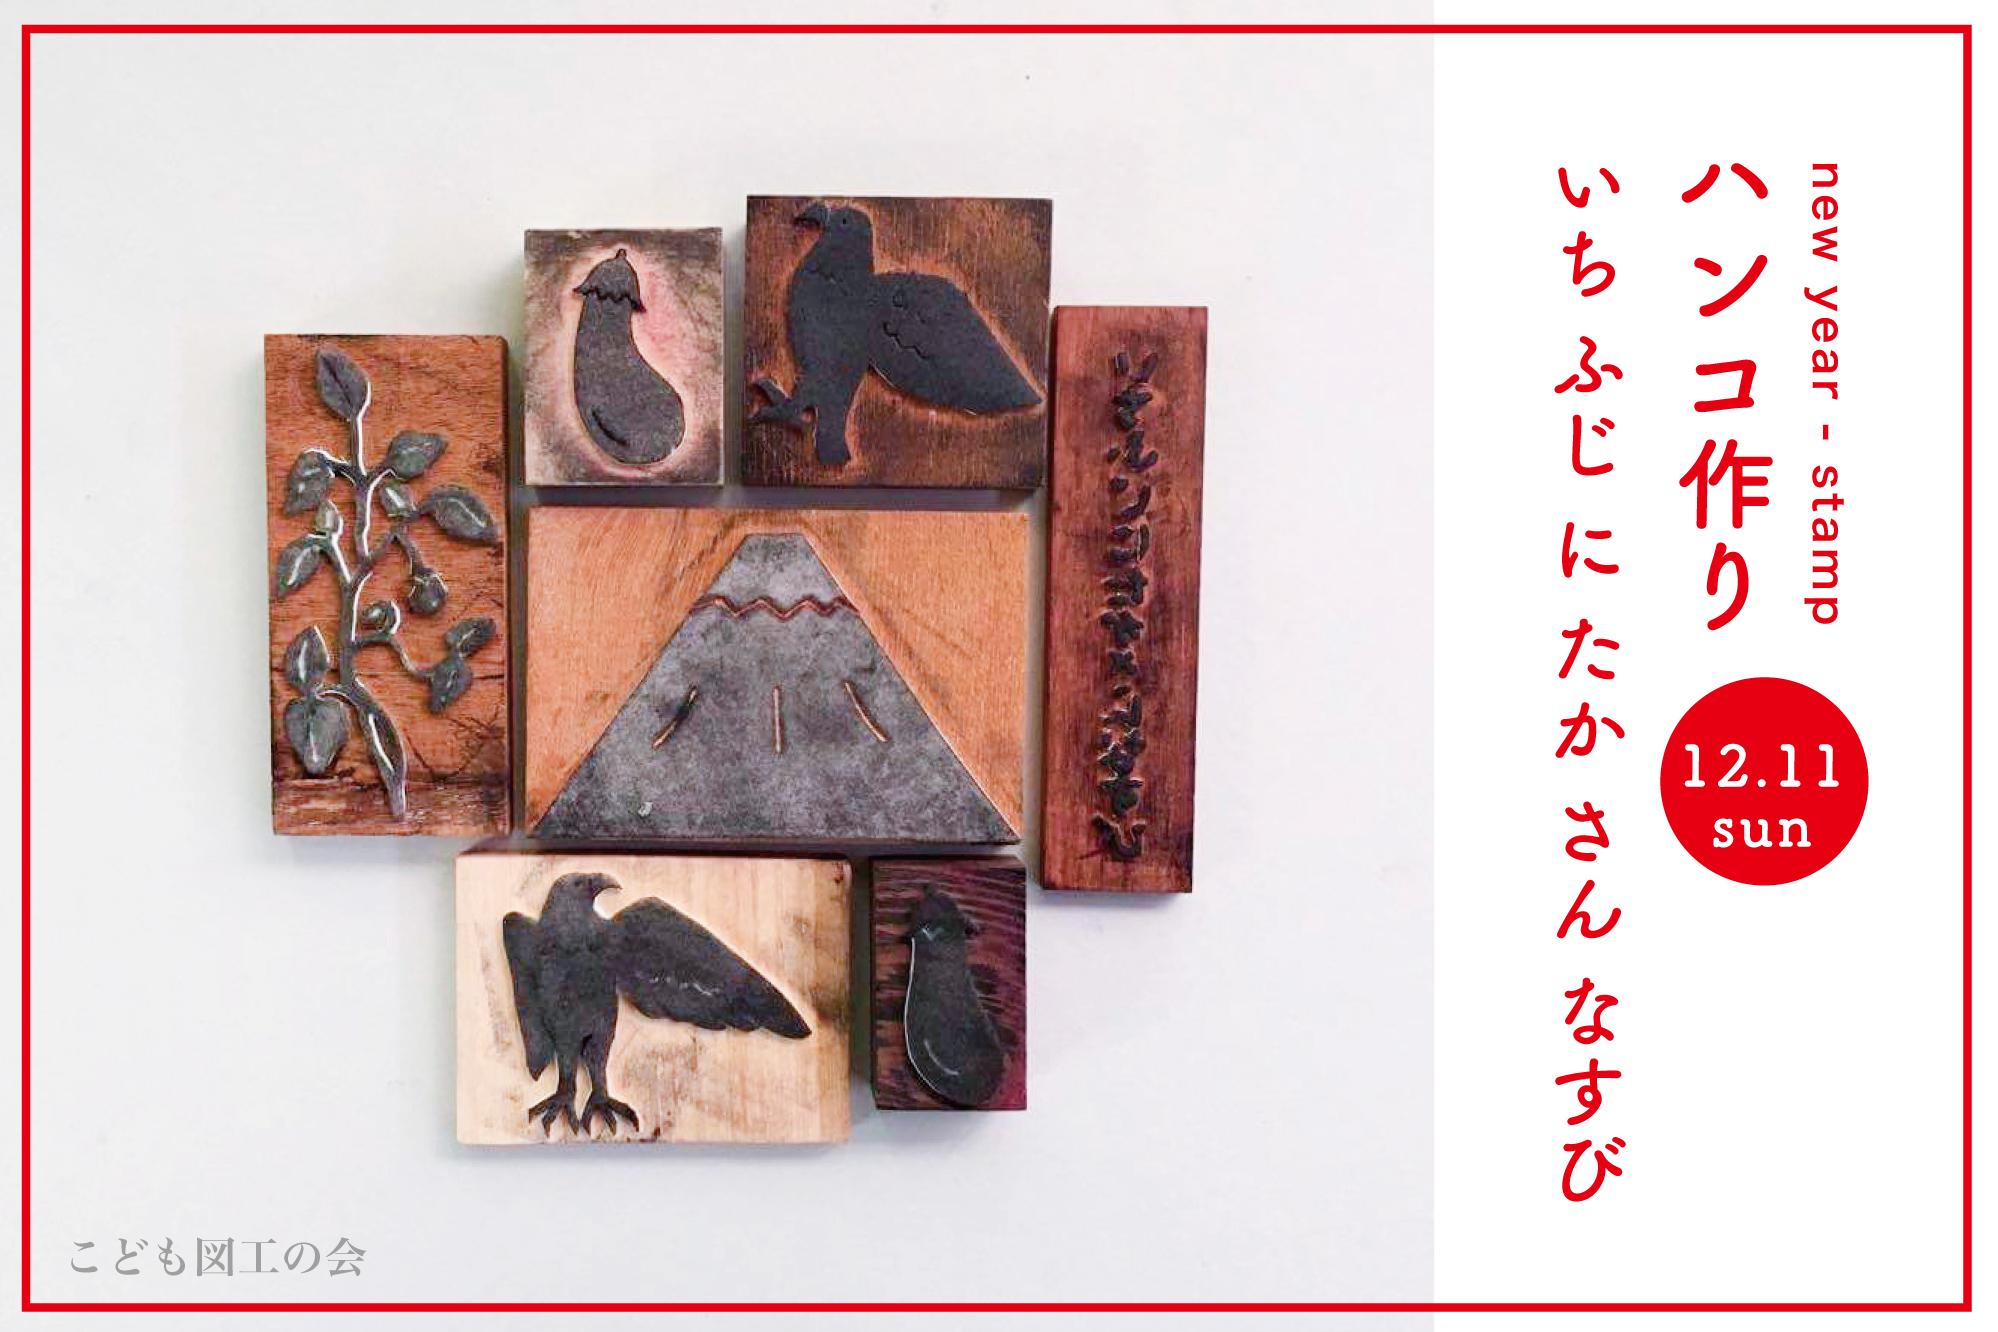 【初心者歓迎】子ども図工!年賀状にもペタペタ、ハンコ作り!